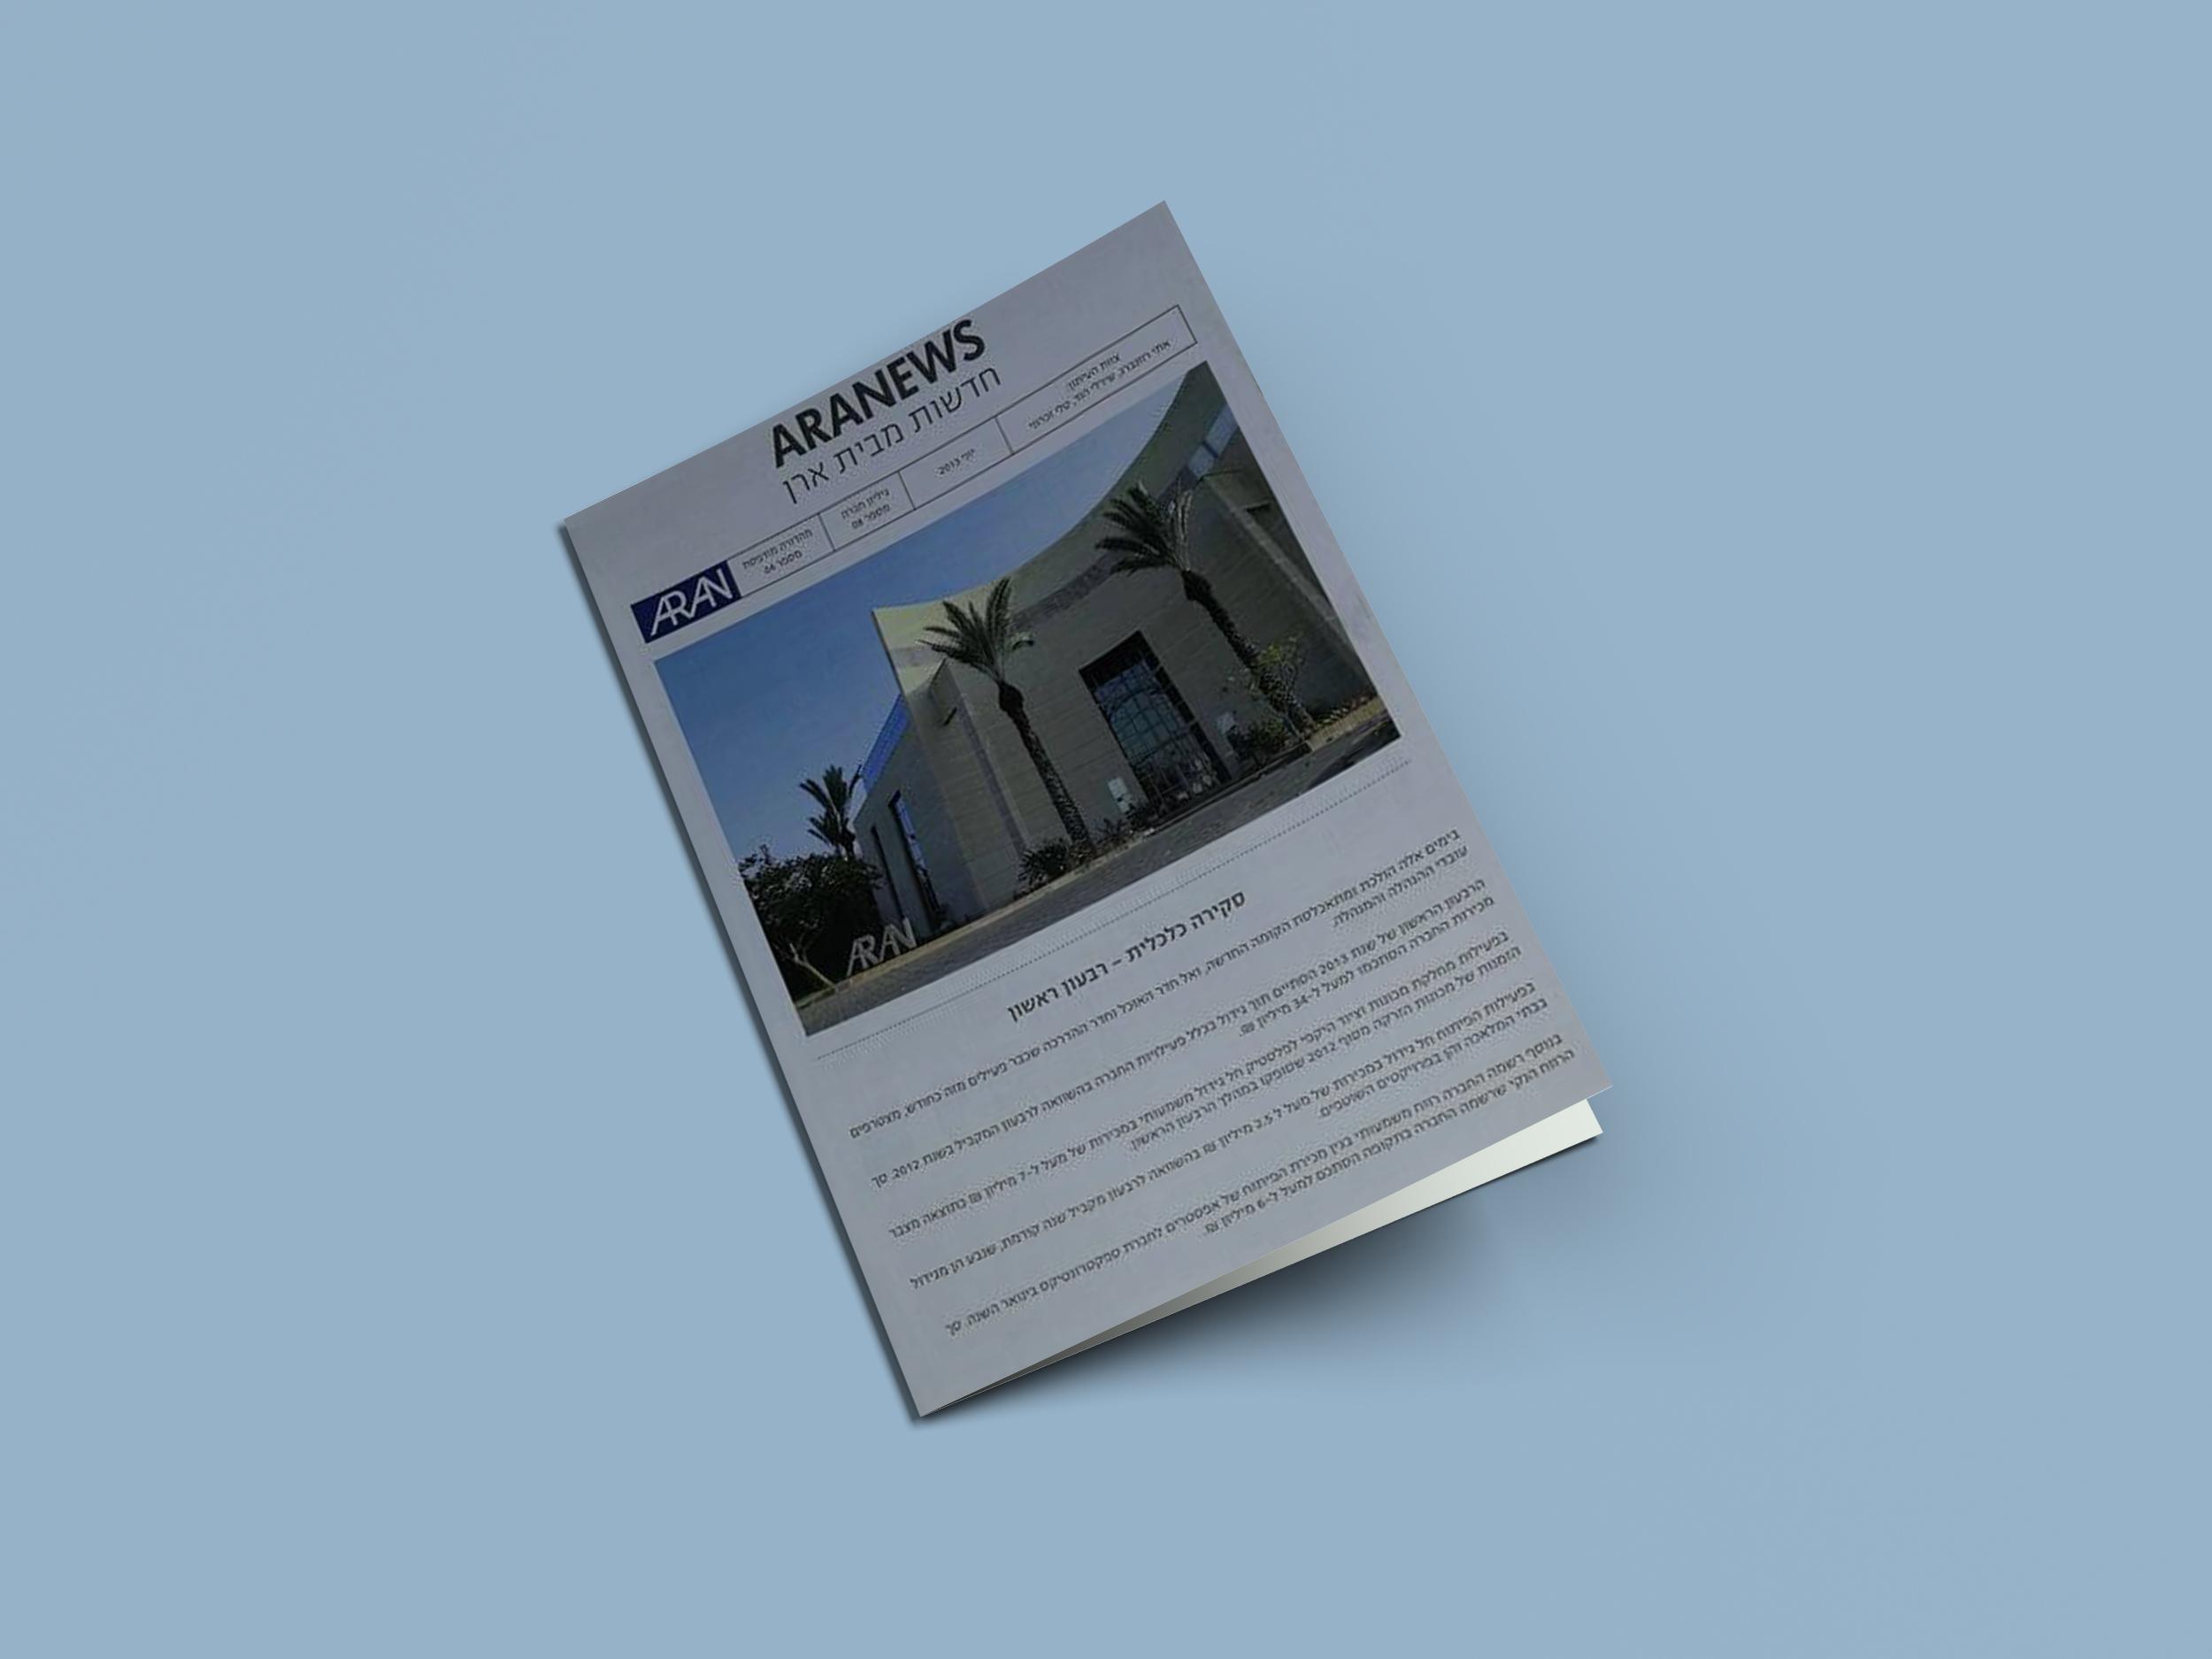 עיתון חברת ארן 16 עמודים, נייר נטול עץ 80 גרם